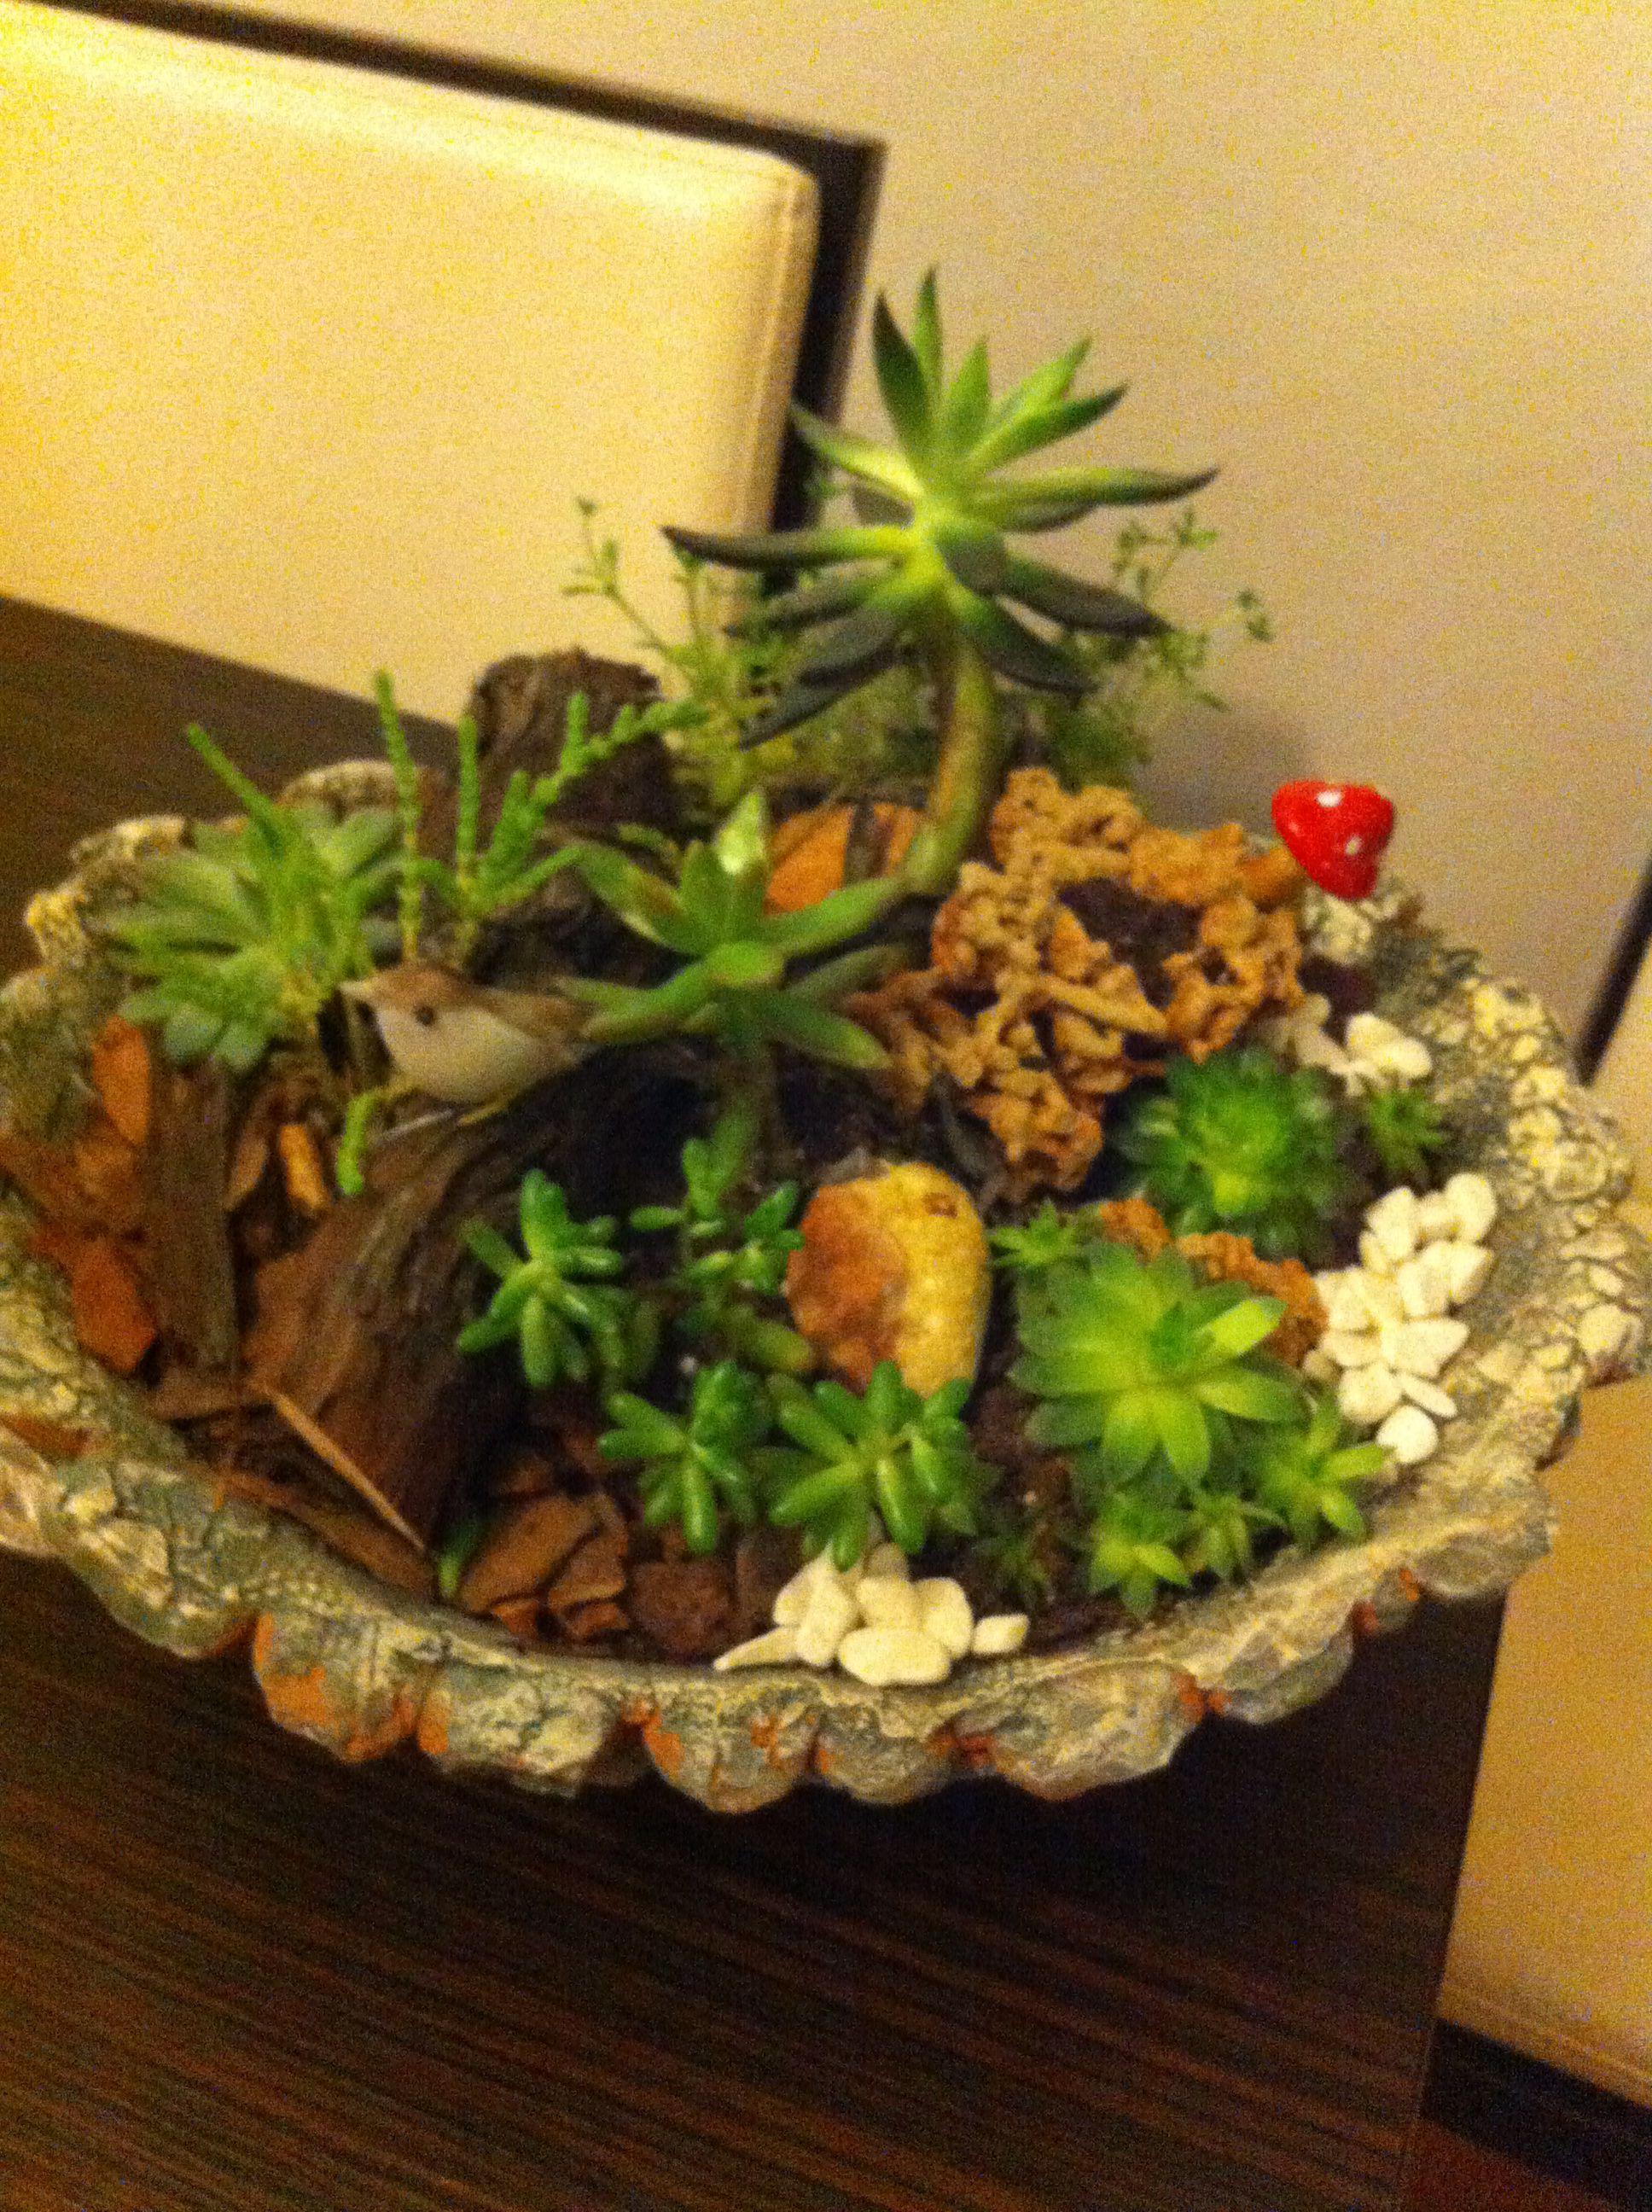 #arzu çiçek #sukulent #minyatürbahçem #succulent #garden #desing #Art #home #naturel #teraryum